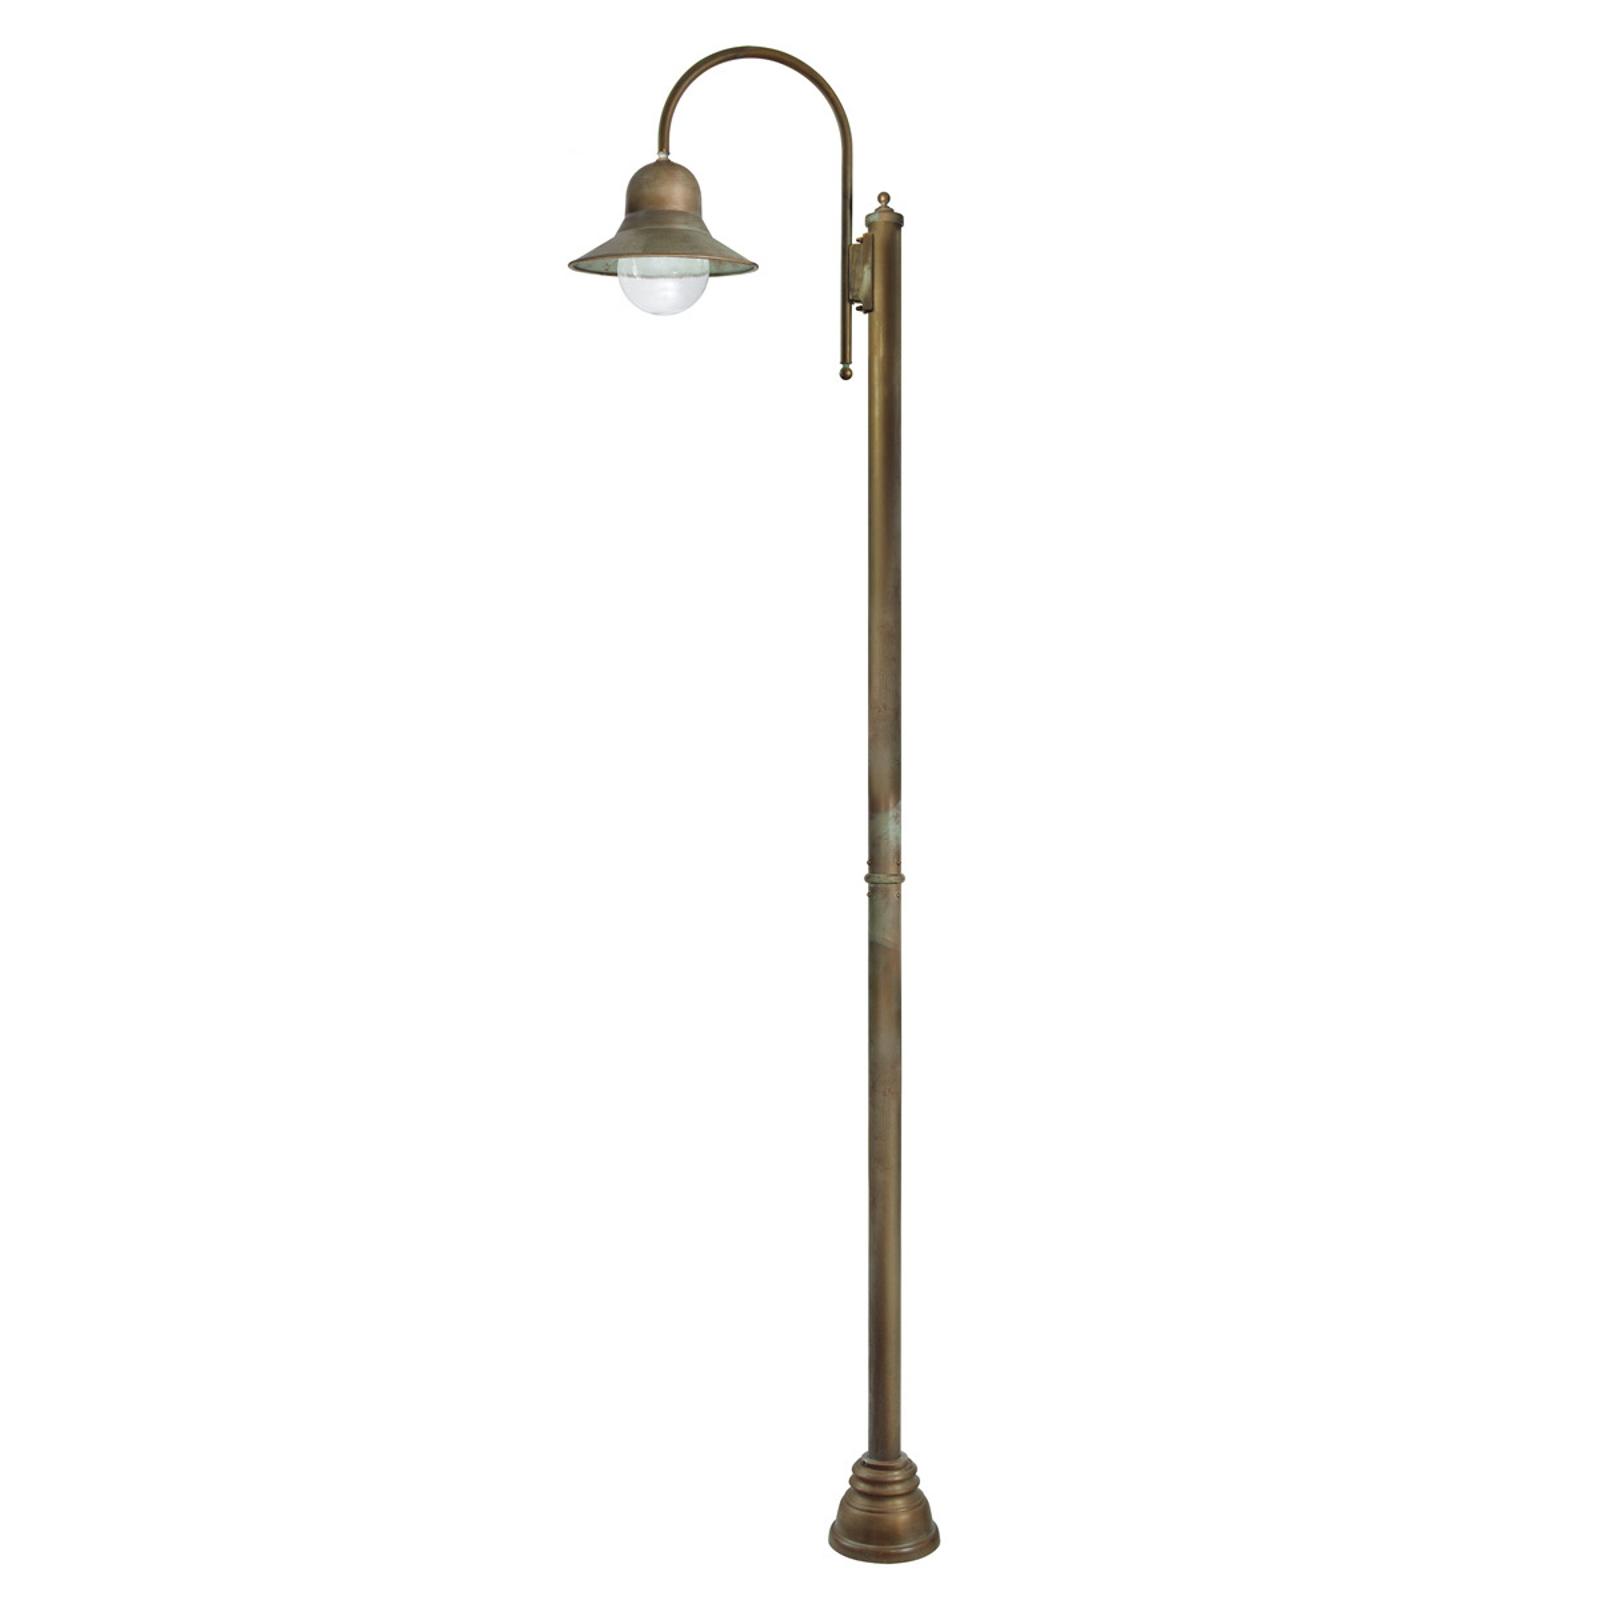 Lampione Felizia alto 270cm in ottone antico